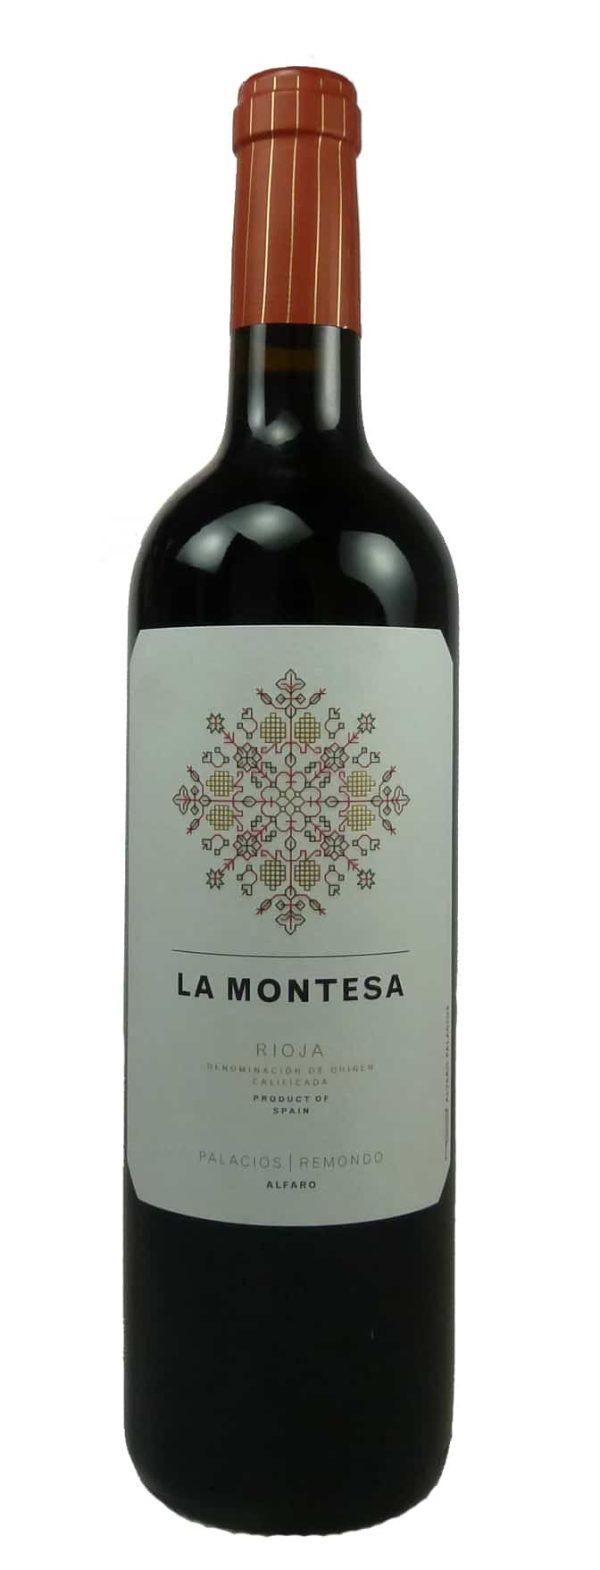 La Montesa Rioja 2014